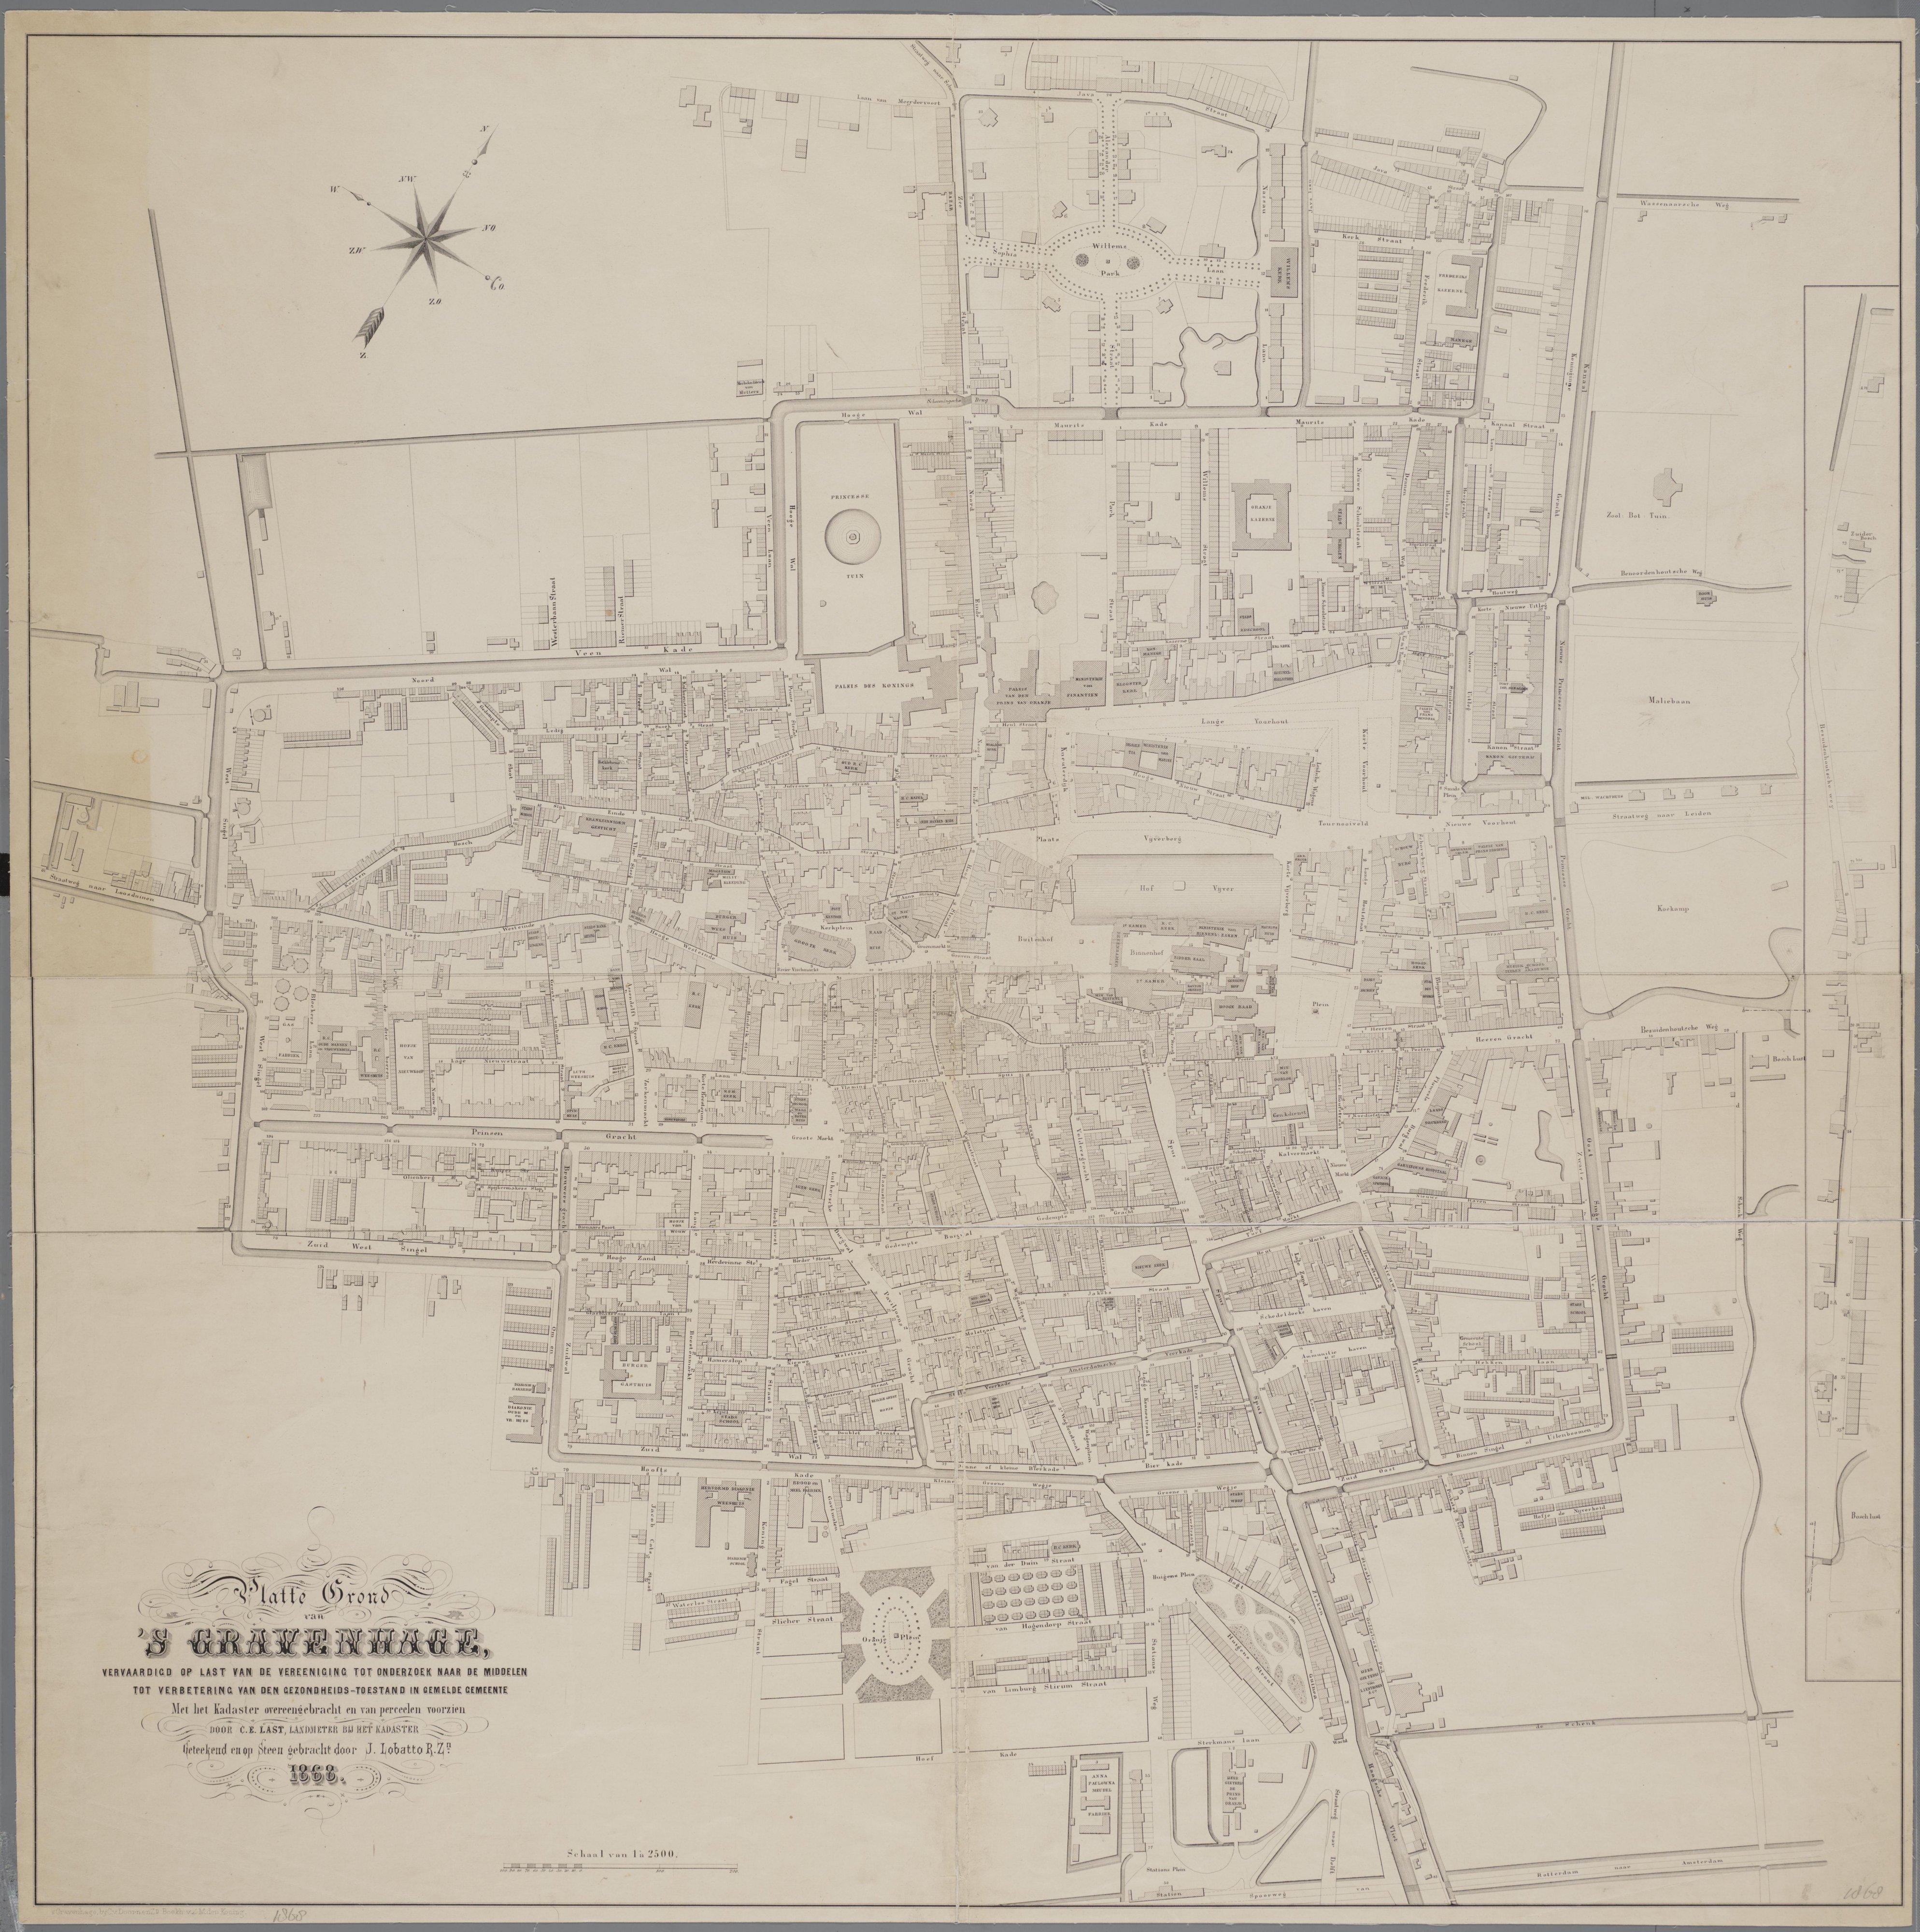 Stadsplattegrond van Lobatto en Last uit 1868, bron: Haagse Gemeente Archief